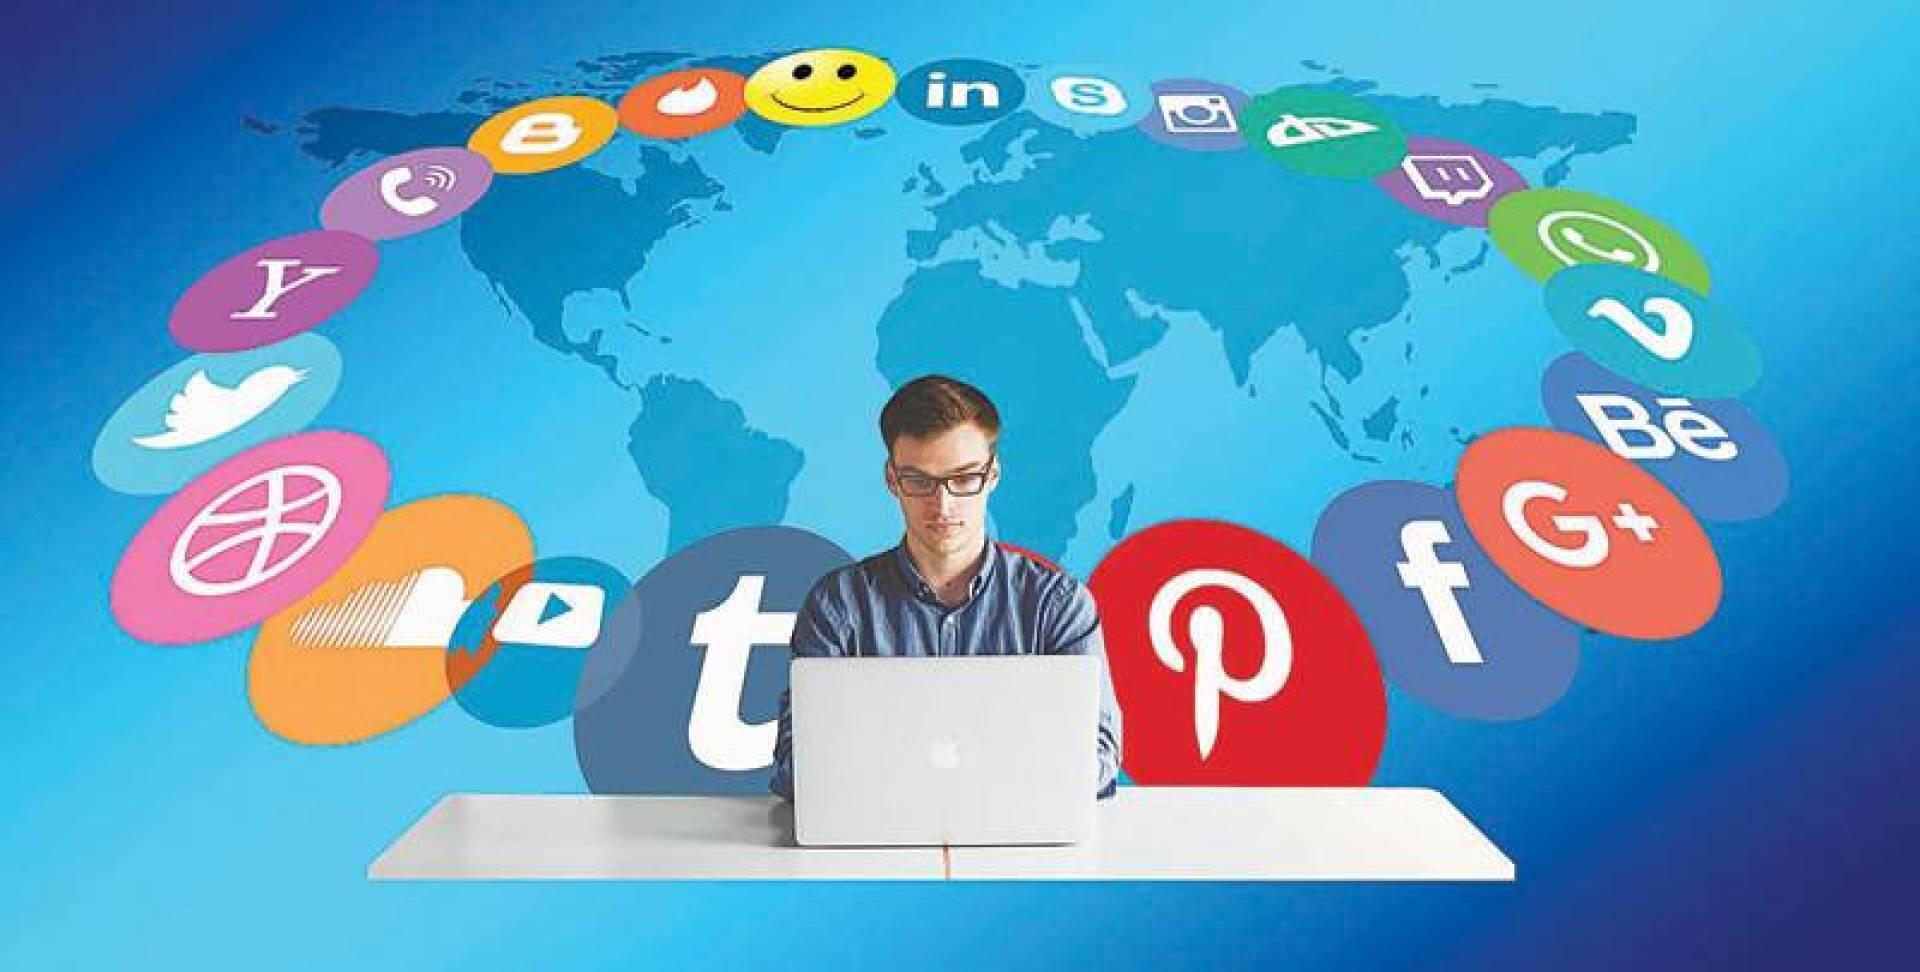 Le contenu sur les réseaux sociaux